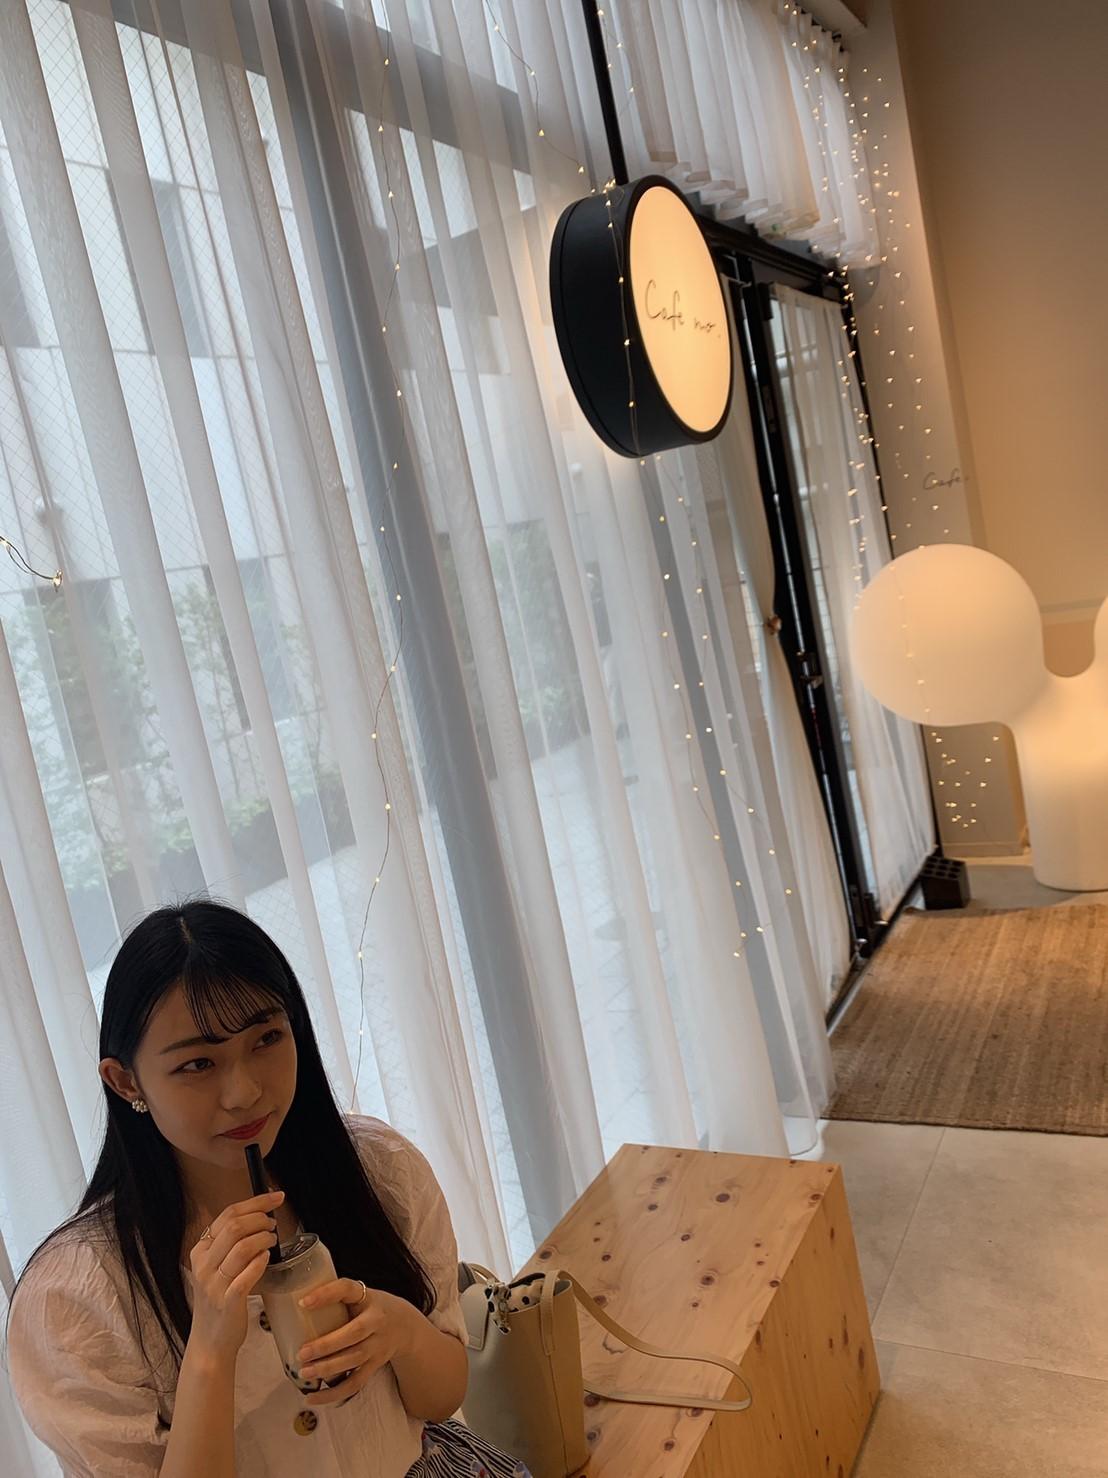 ちょっと背伸びをしたタピオカ屋さん【 Cafe no. 】_1_4-1